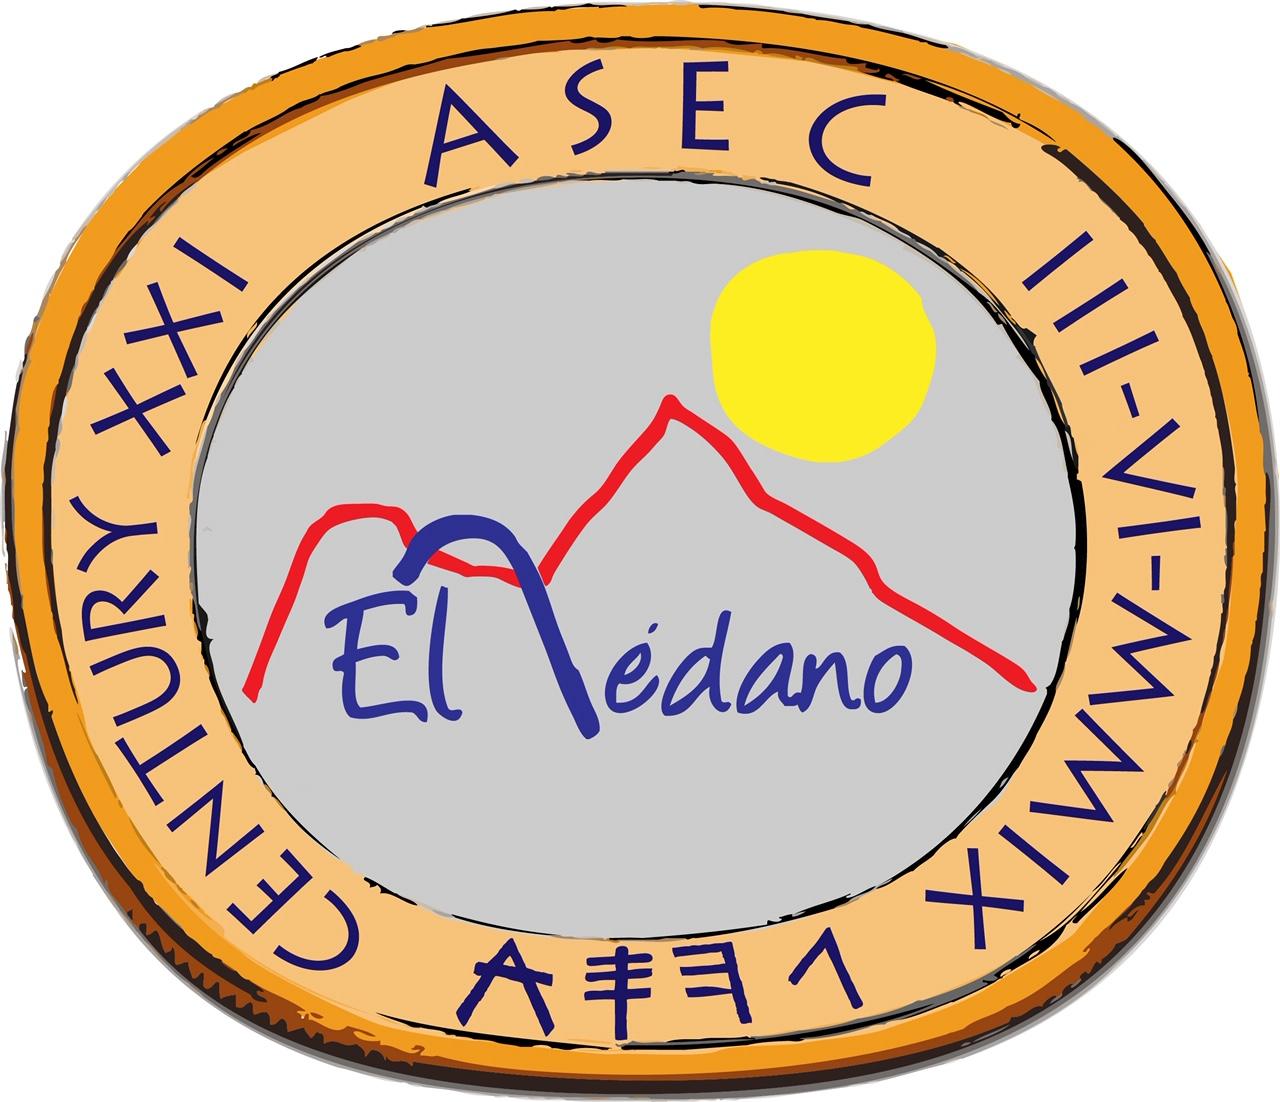 ASEC Asociación de Empresas y Comerciantes El Médano